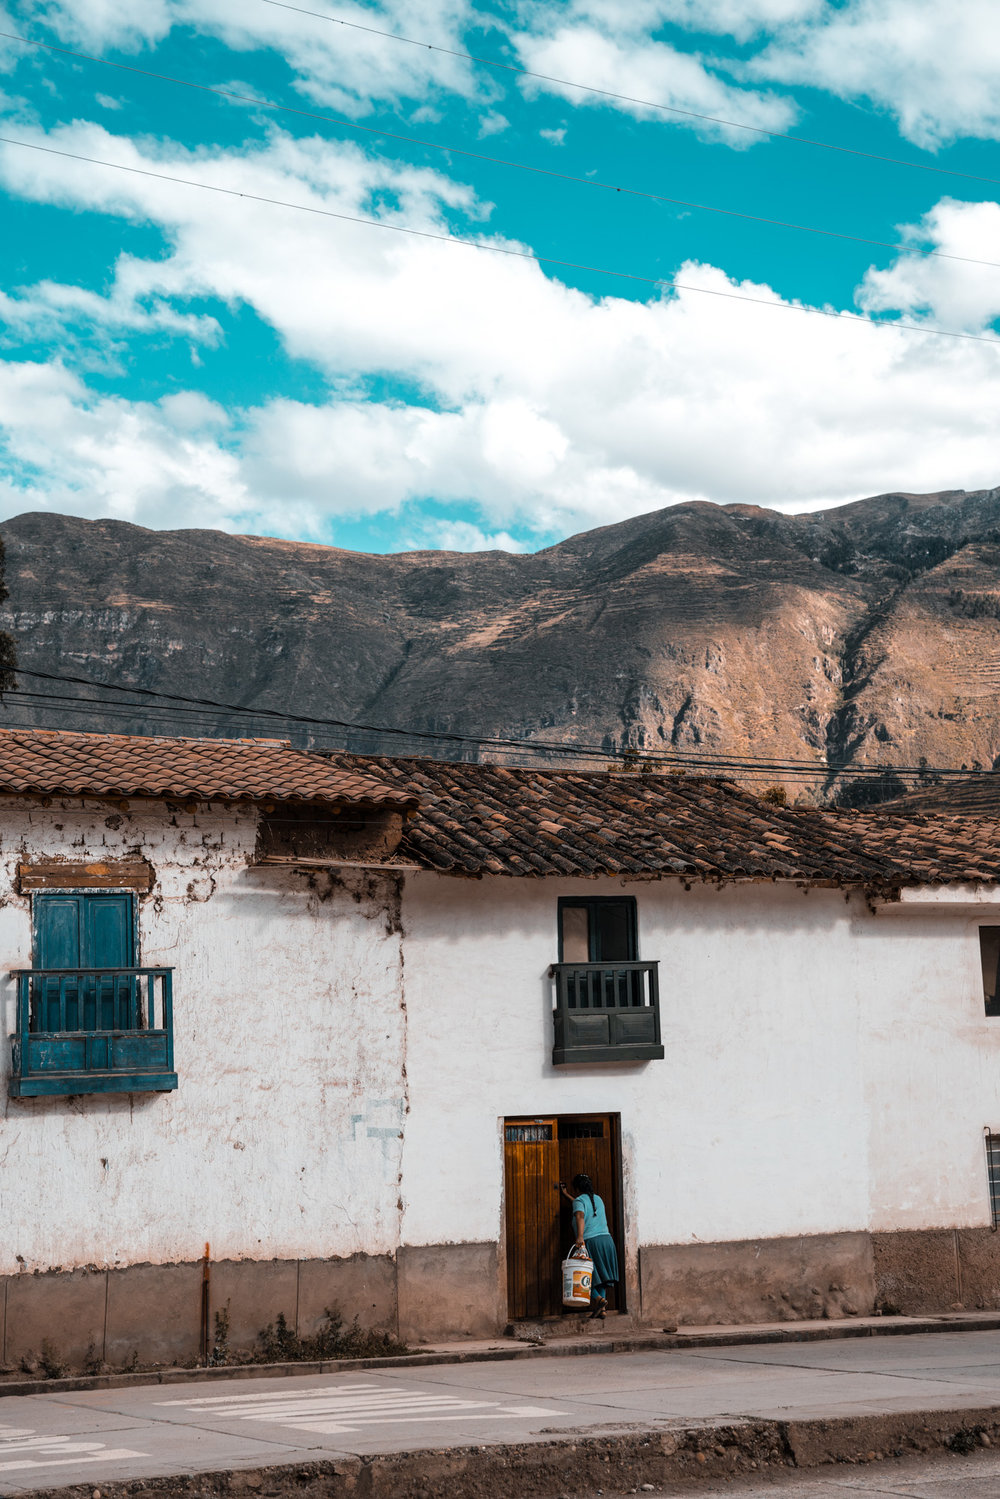 Teal Peru -